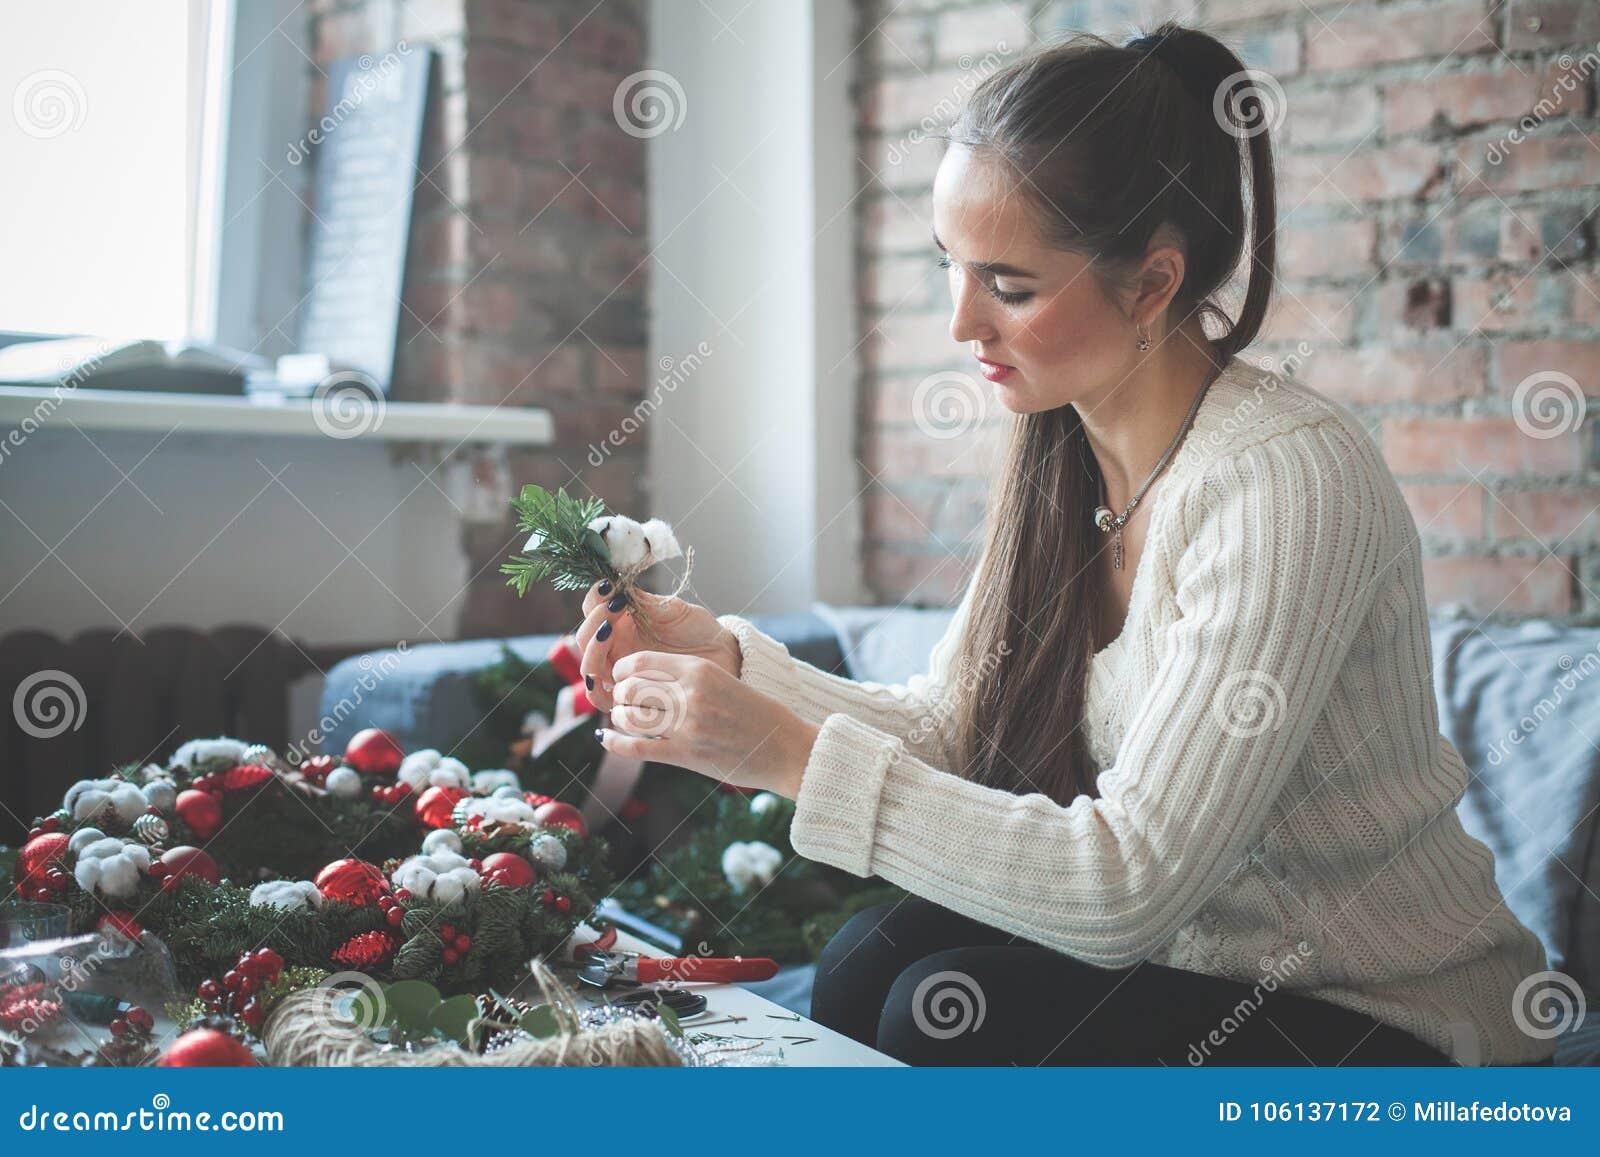 Floristen-oder Dekorateur-Frau, die Weihnachtsdekorationen macht